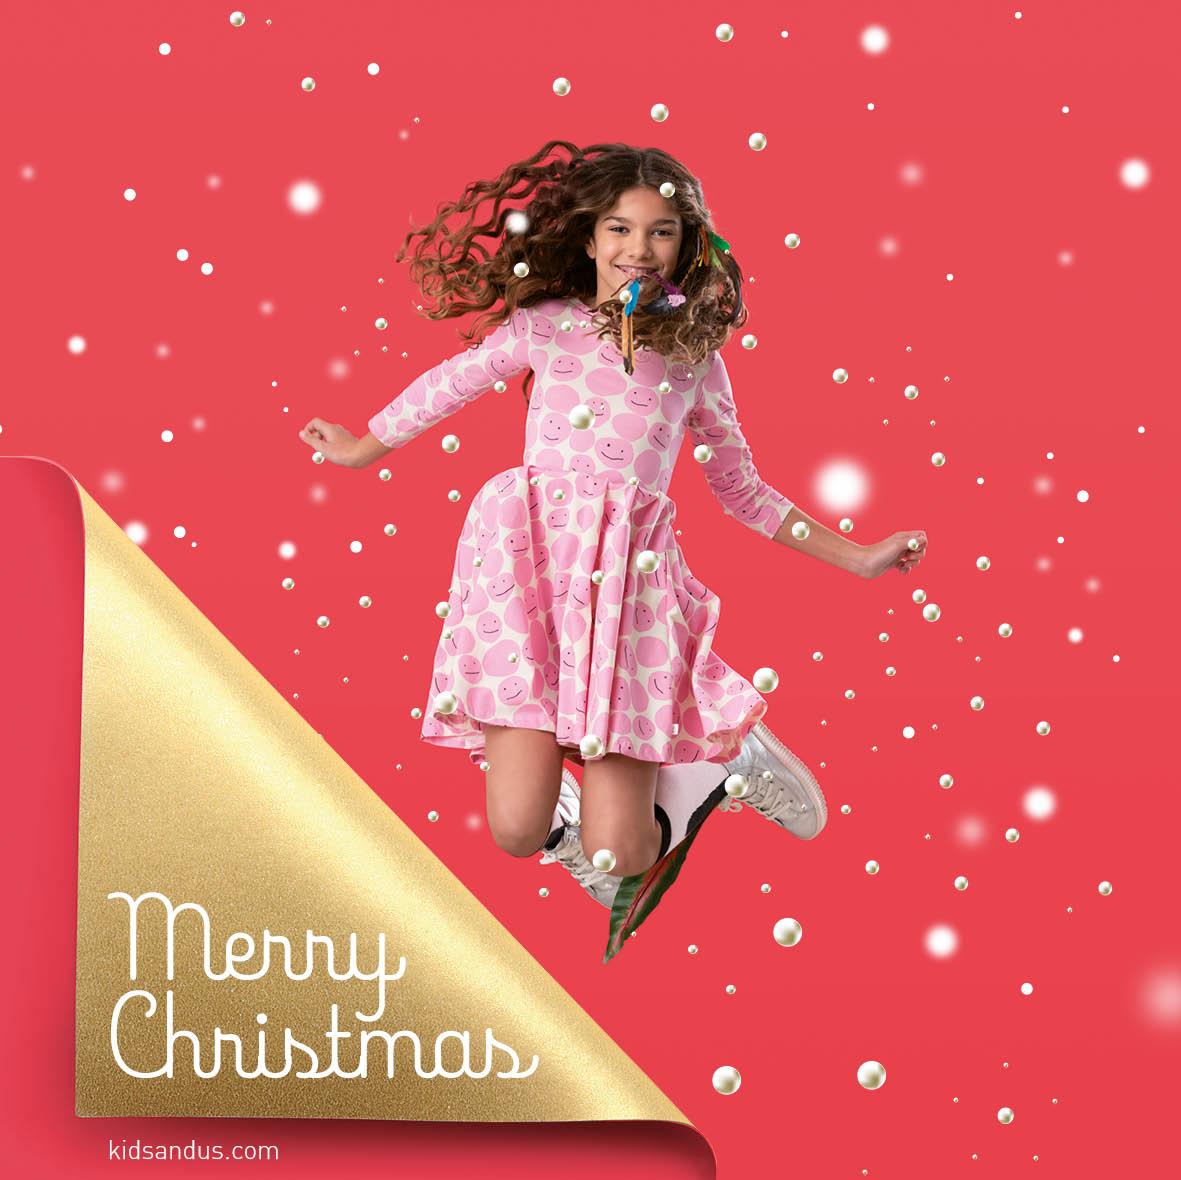 Tradizioni natalizie: chi porta i regali di Natale ai bambini nel mondo?